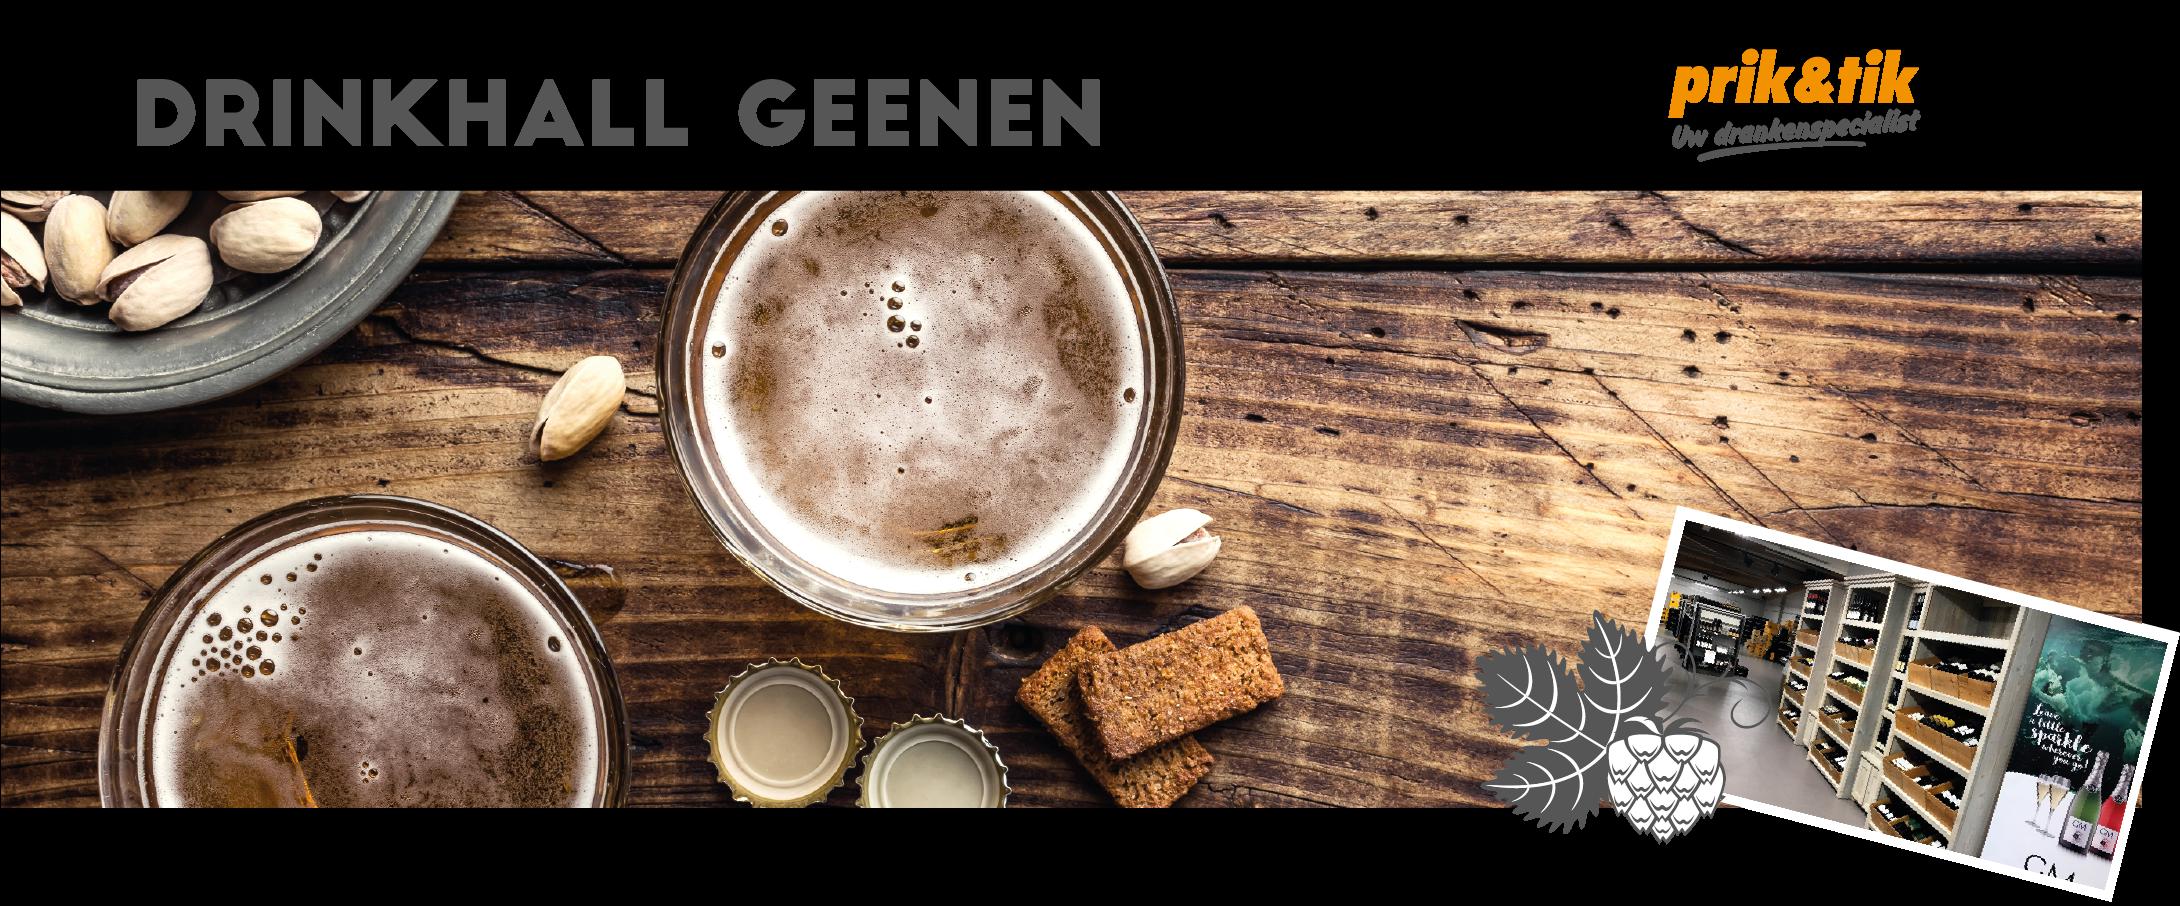 DRINKHALL GEENEN